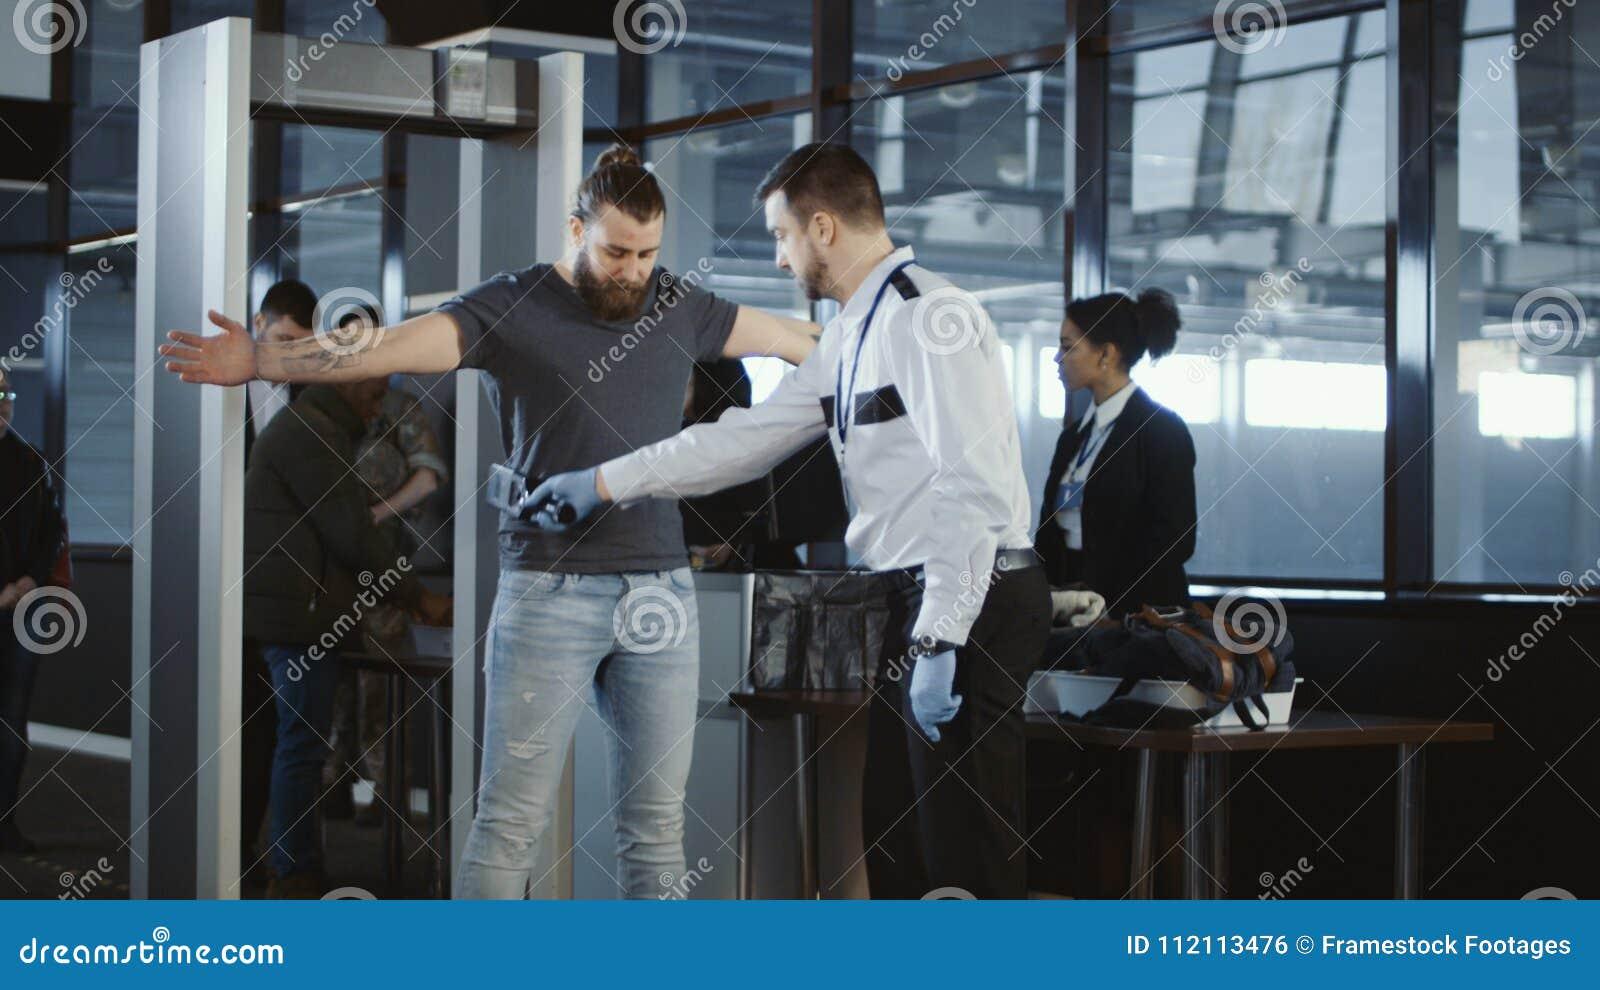 Agenta ochrony klepanie zestrzela męskiego pasażera